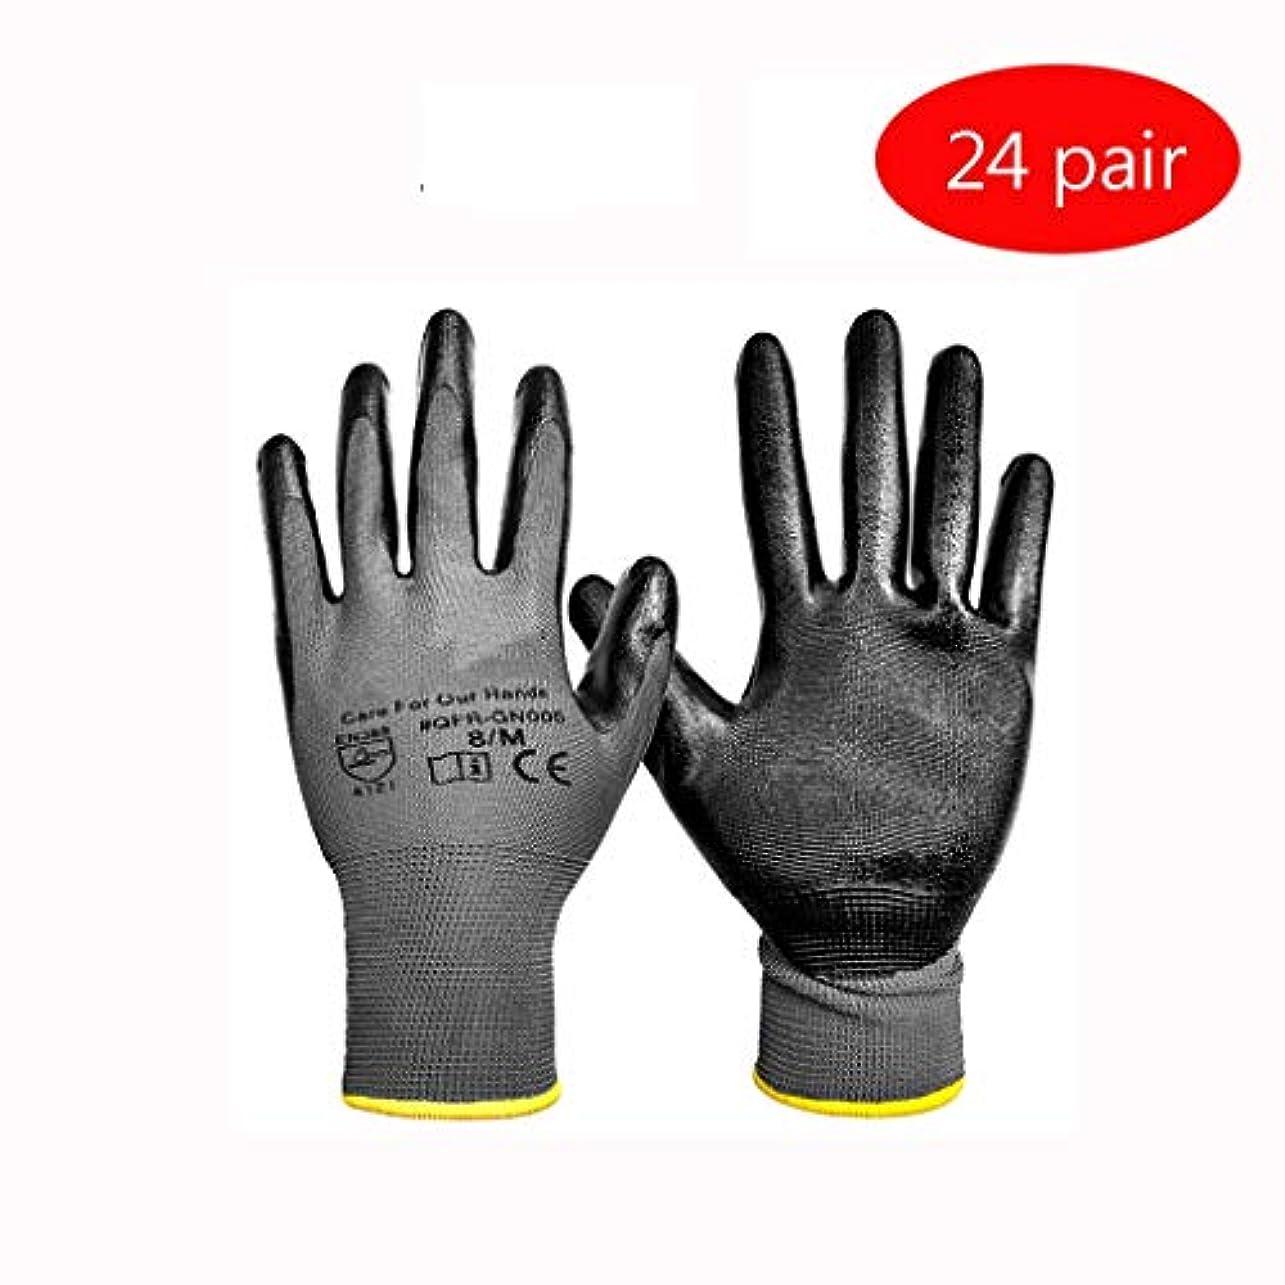 修正する魅了する続けるLIUXIN プラスチック手袋/丁ハオは、手のひらの労働保護手袋/メンテナンス整備士オイルプルーフ滑り止め手袋/サイトハンドリング着用手袋/ -24を塗装 ゴム手袋 (サイズ さいず : Xl xl)